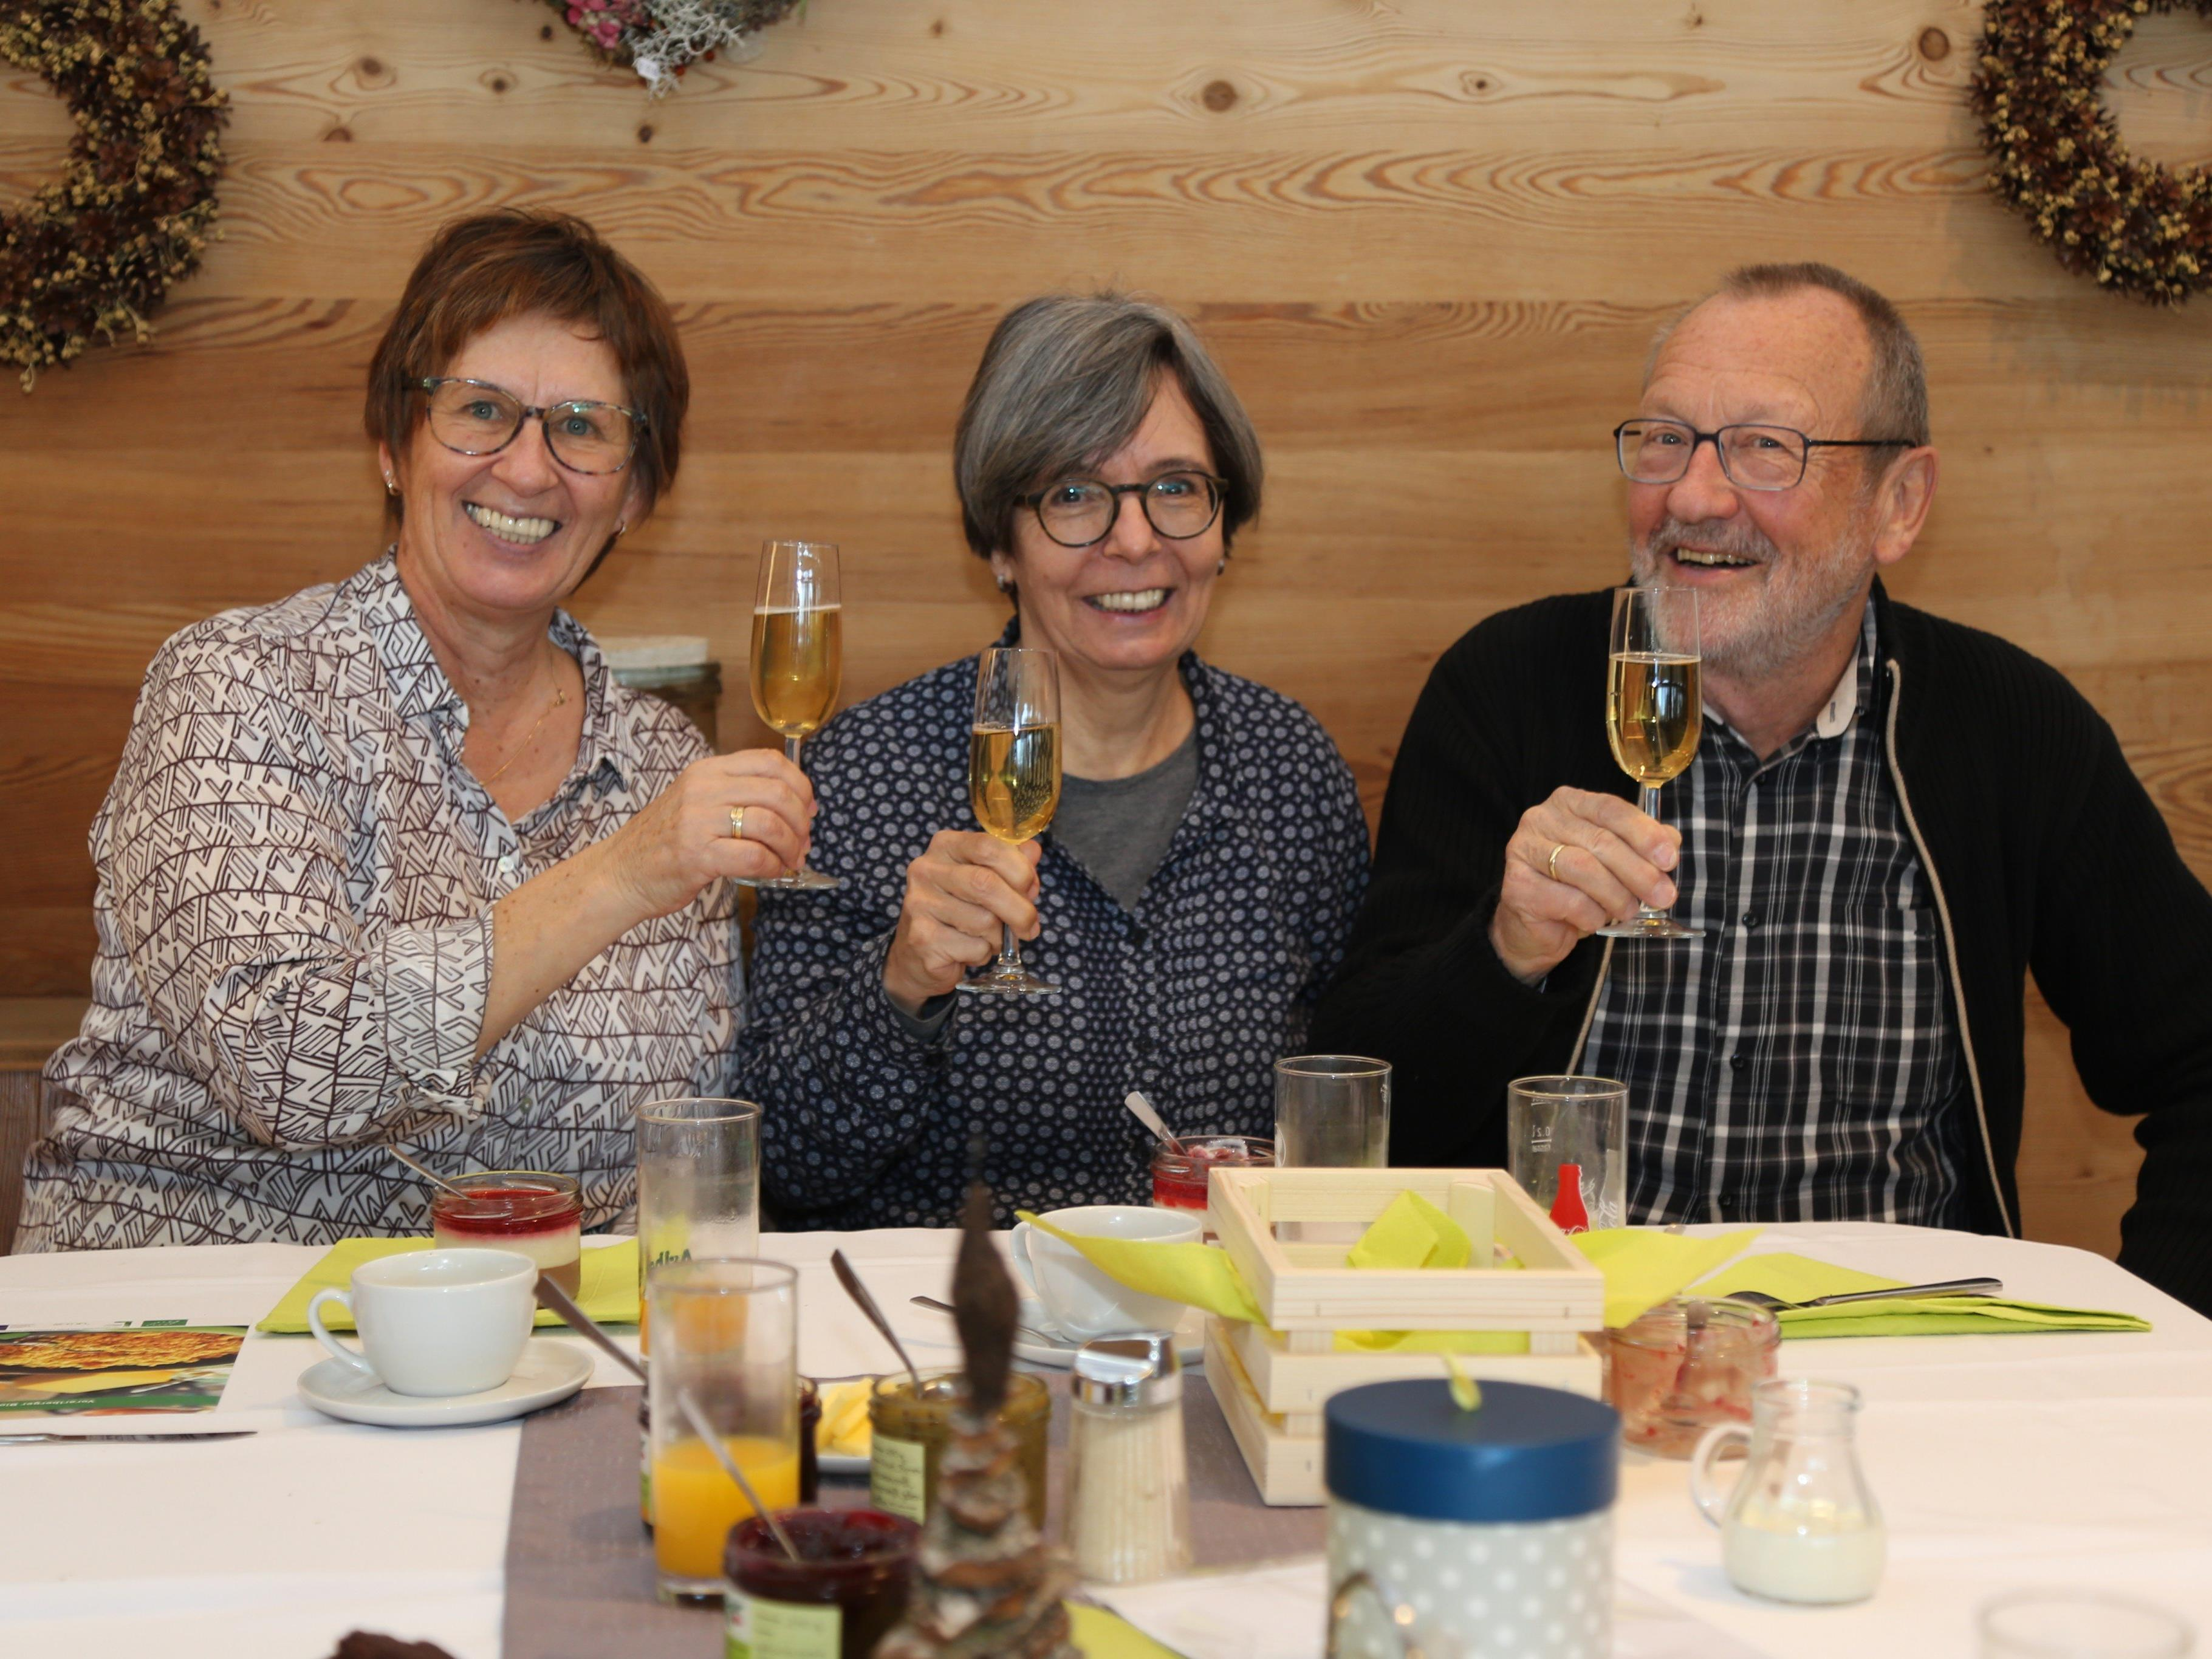 """Auch der siebte """"bsundrige Biobrunch"""" war erneut restlos ausverkauft. Unter den Gästen: Gabi, Silvia und Gernot."""